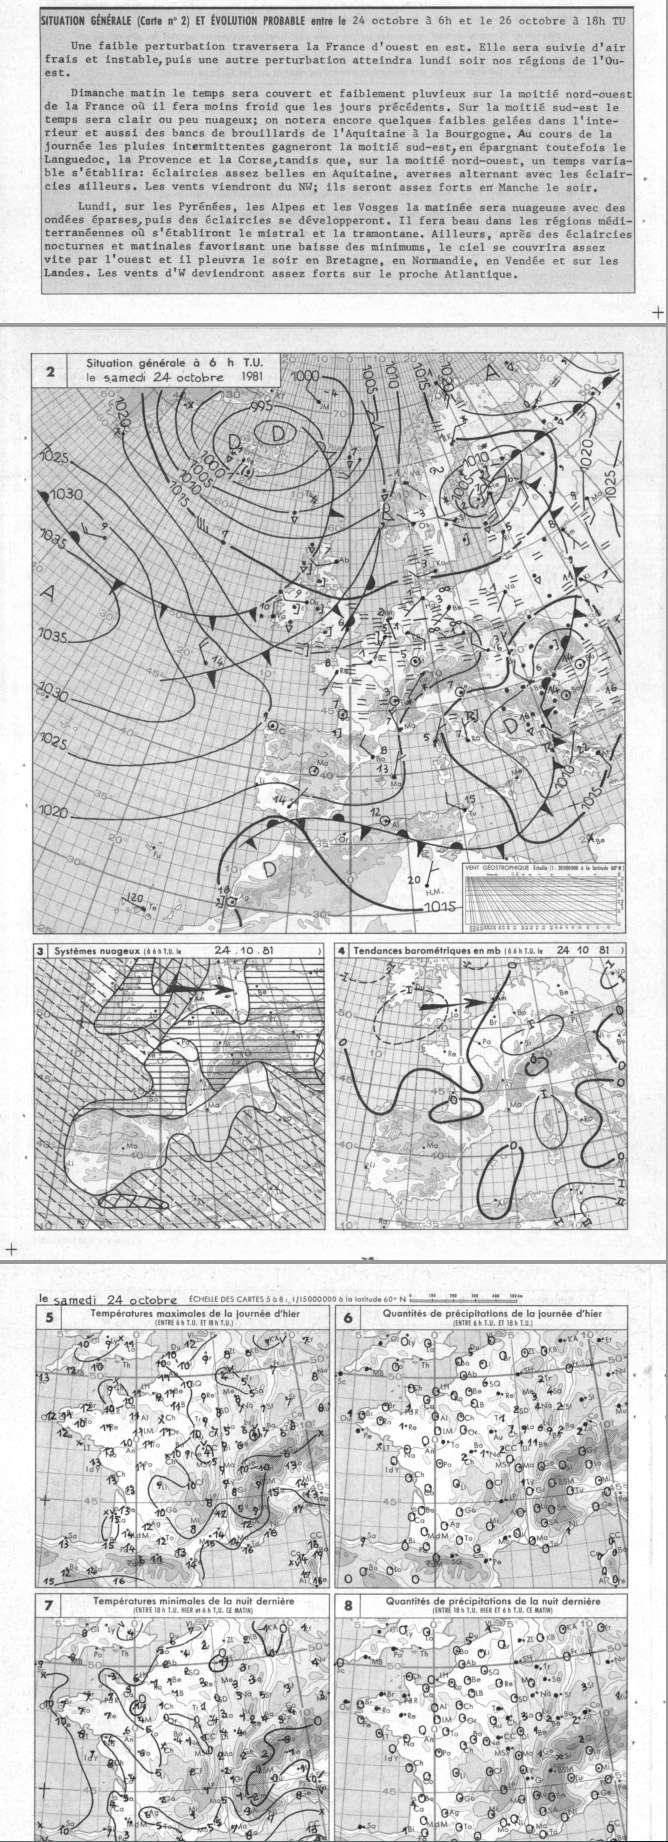 1981: le 24/10 à 23H - Ovni en forme de disque -  - Seine-Maritime (dép.76) - Page 7 Mytyo-10